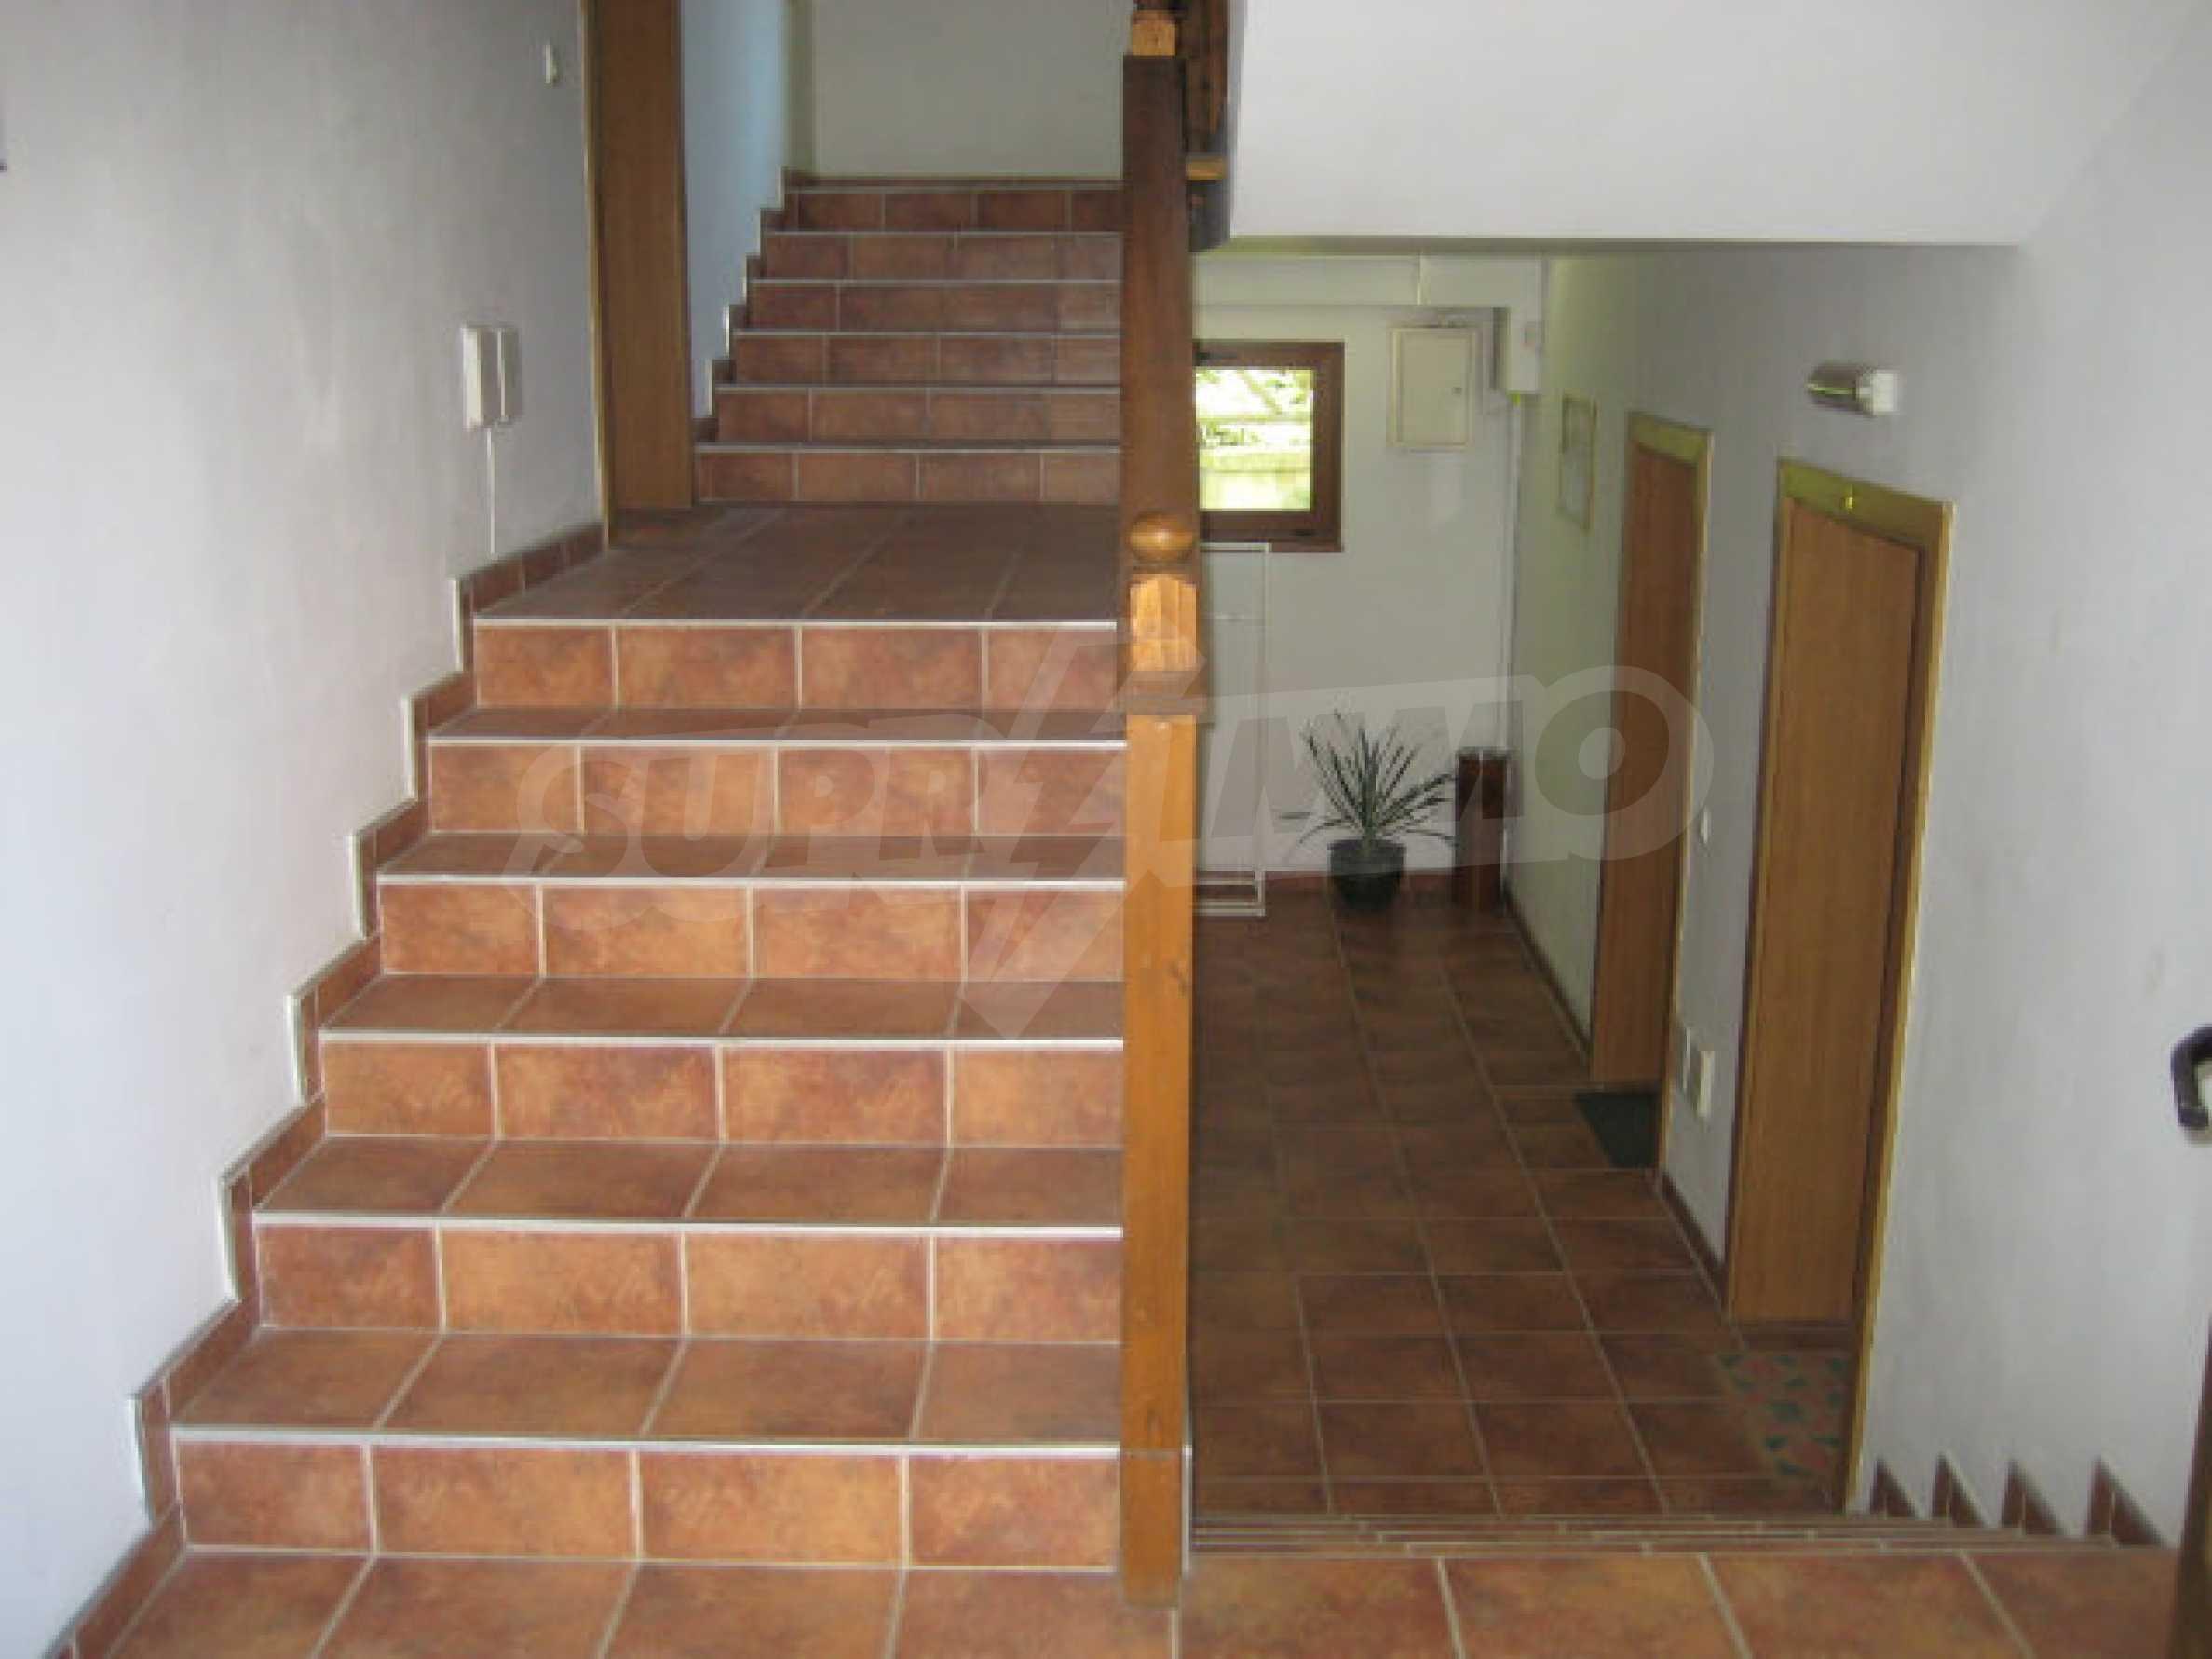 Апартаменти в алпийски стил само на 400 м от лифта в Боровец 3